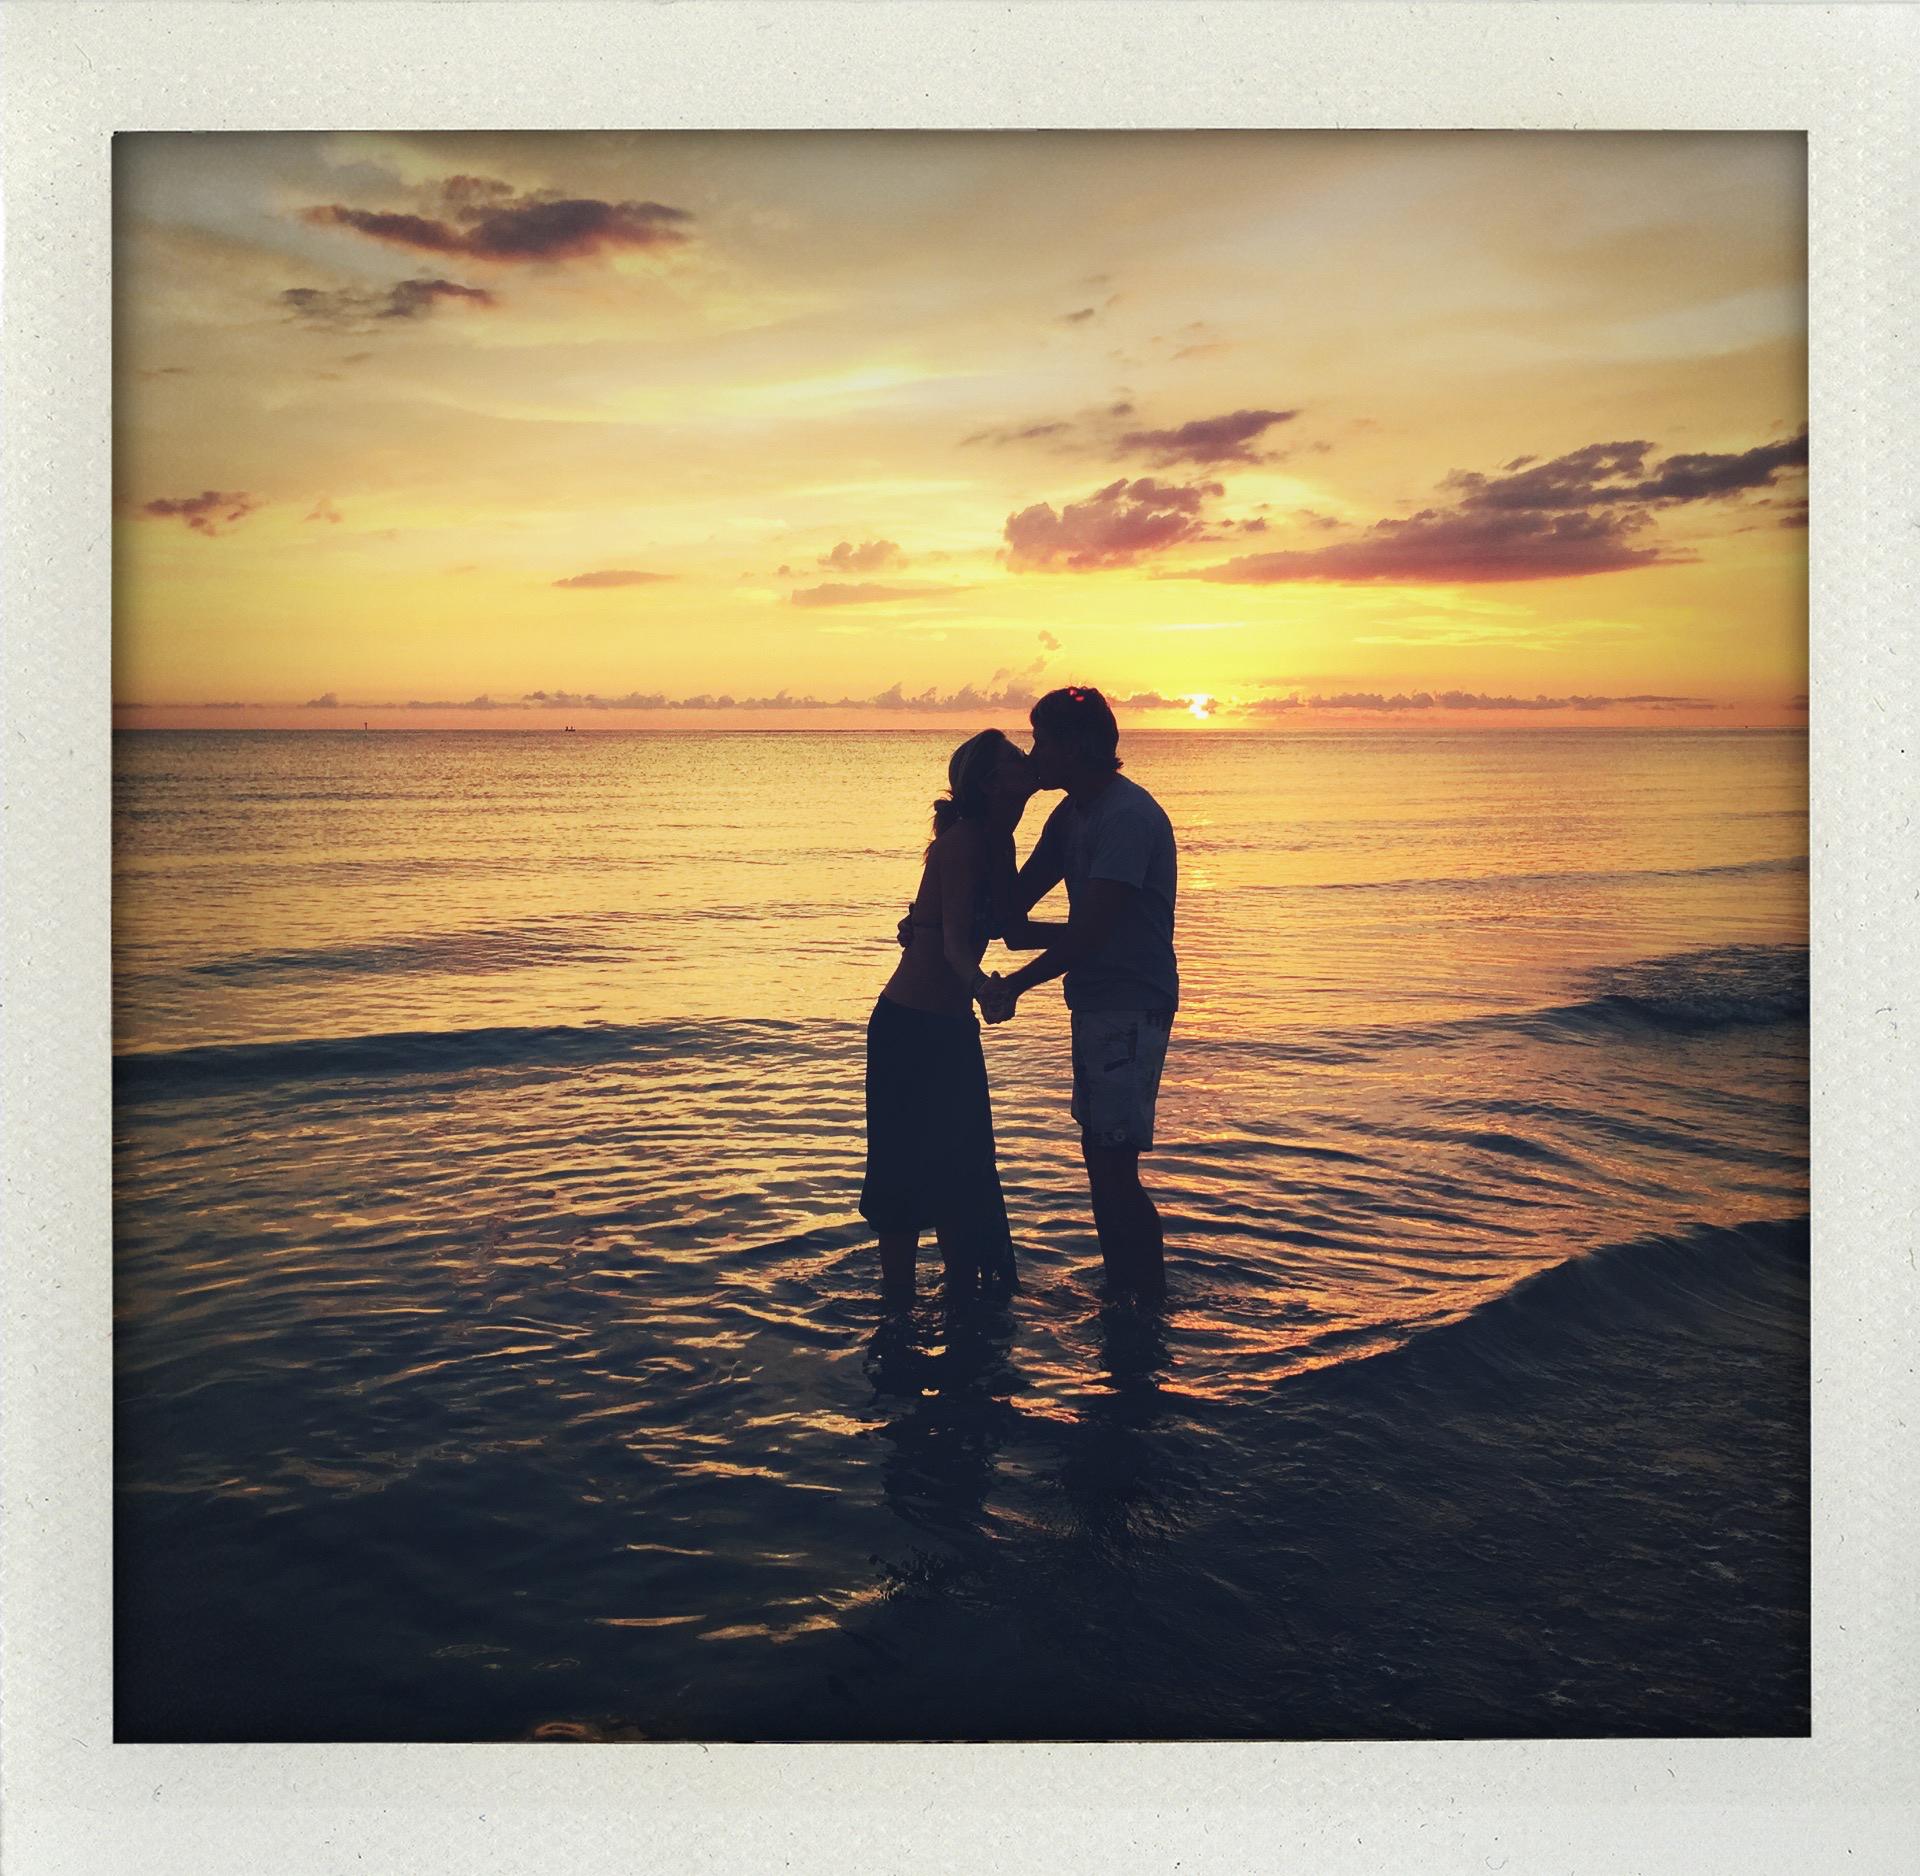 kissing sunset